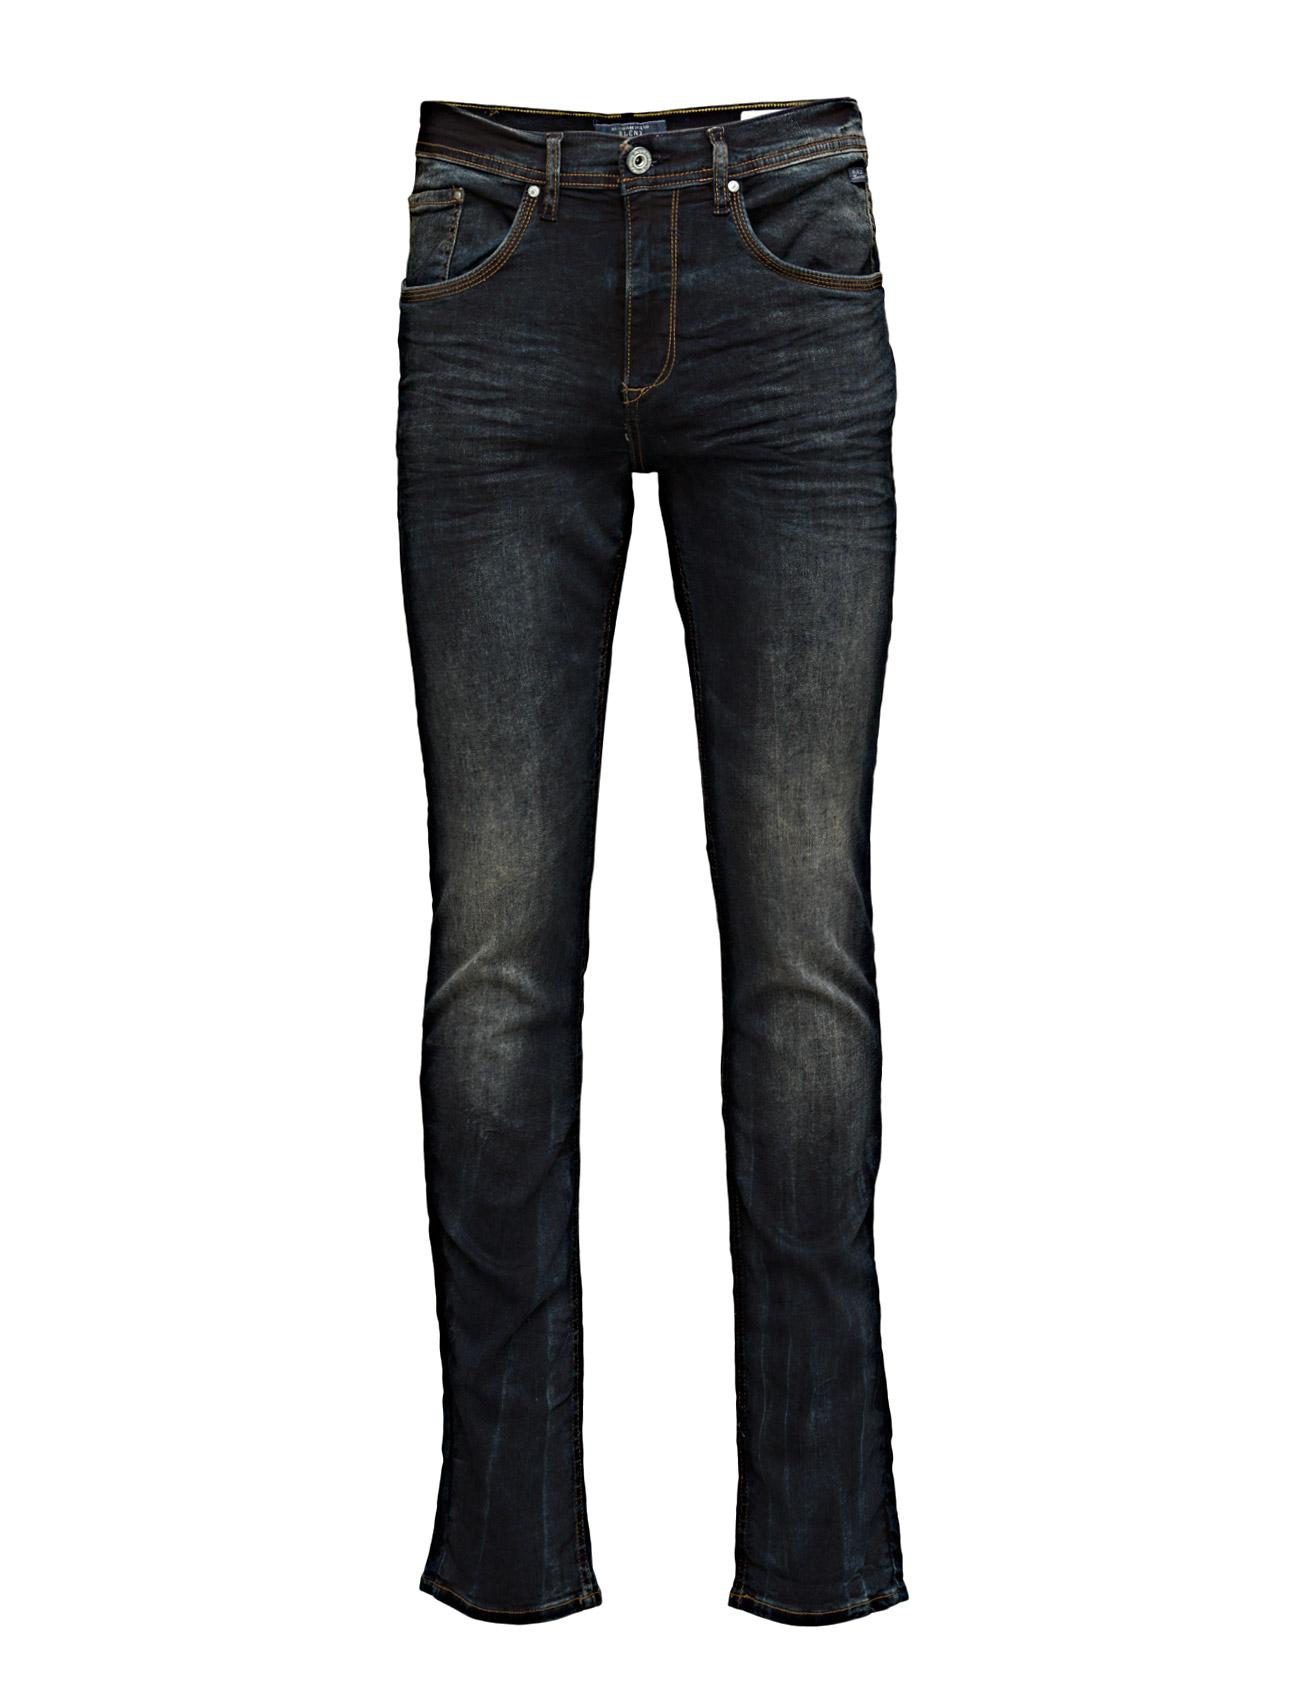 Jeans - Noos Jet Fit Blend Slim til Mænd i